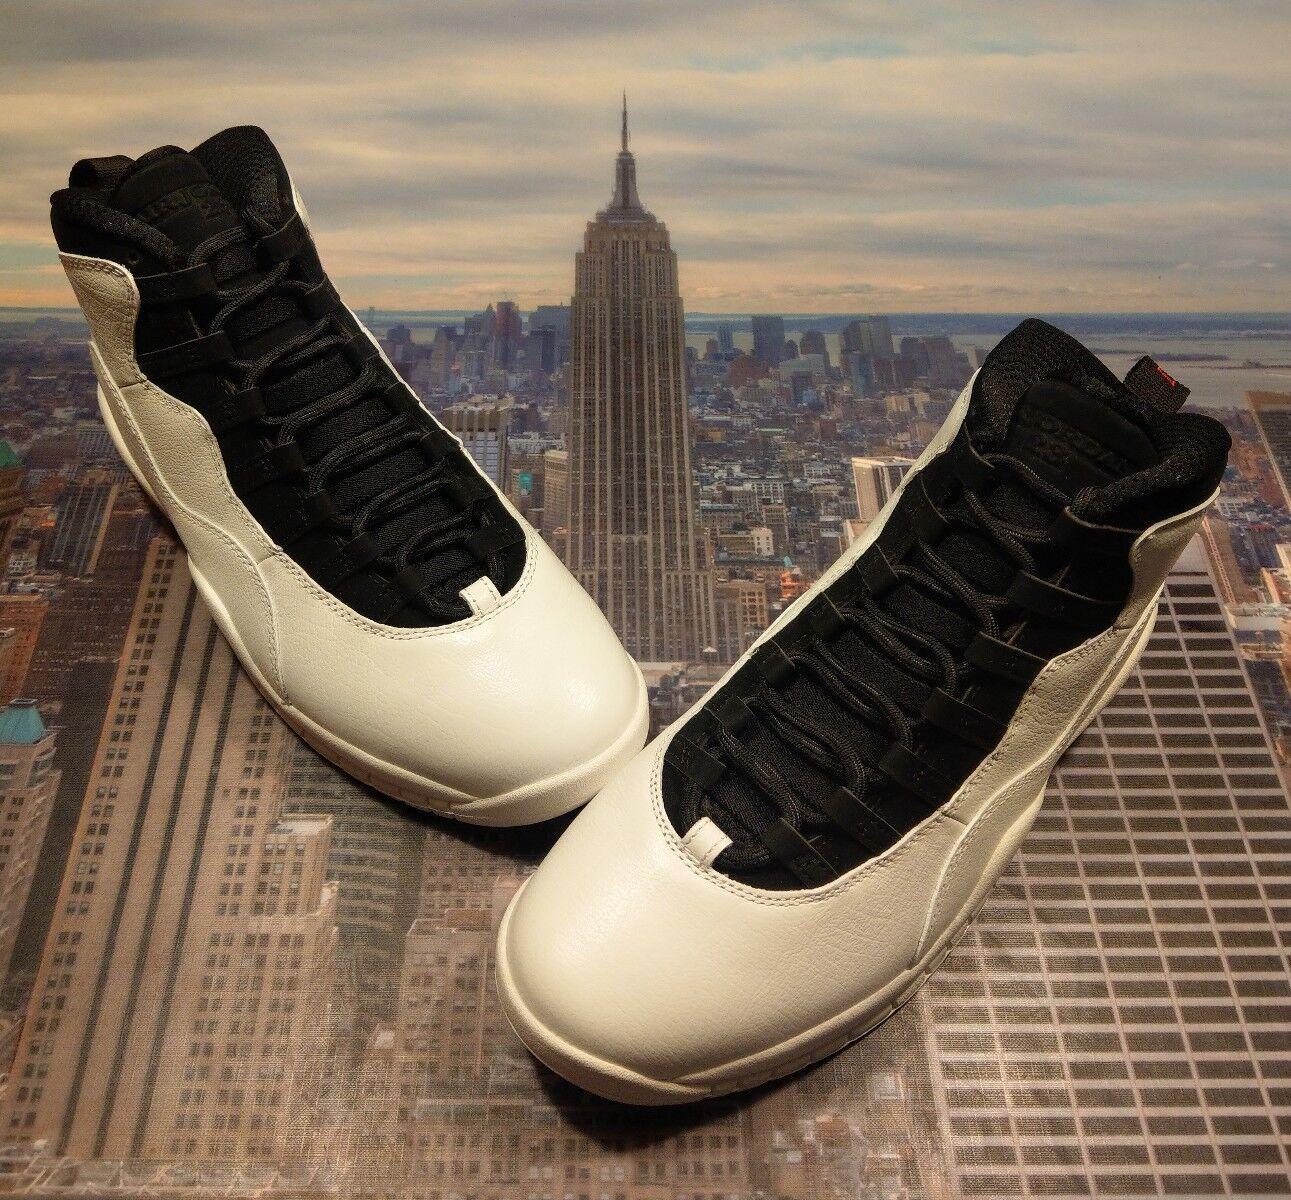 Nike Air Jordan X 10 Retro I'm Back Summit White Black Size 10.5 310805 104 New